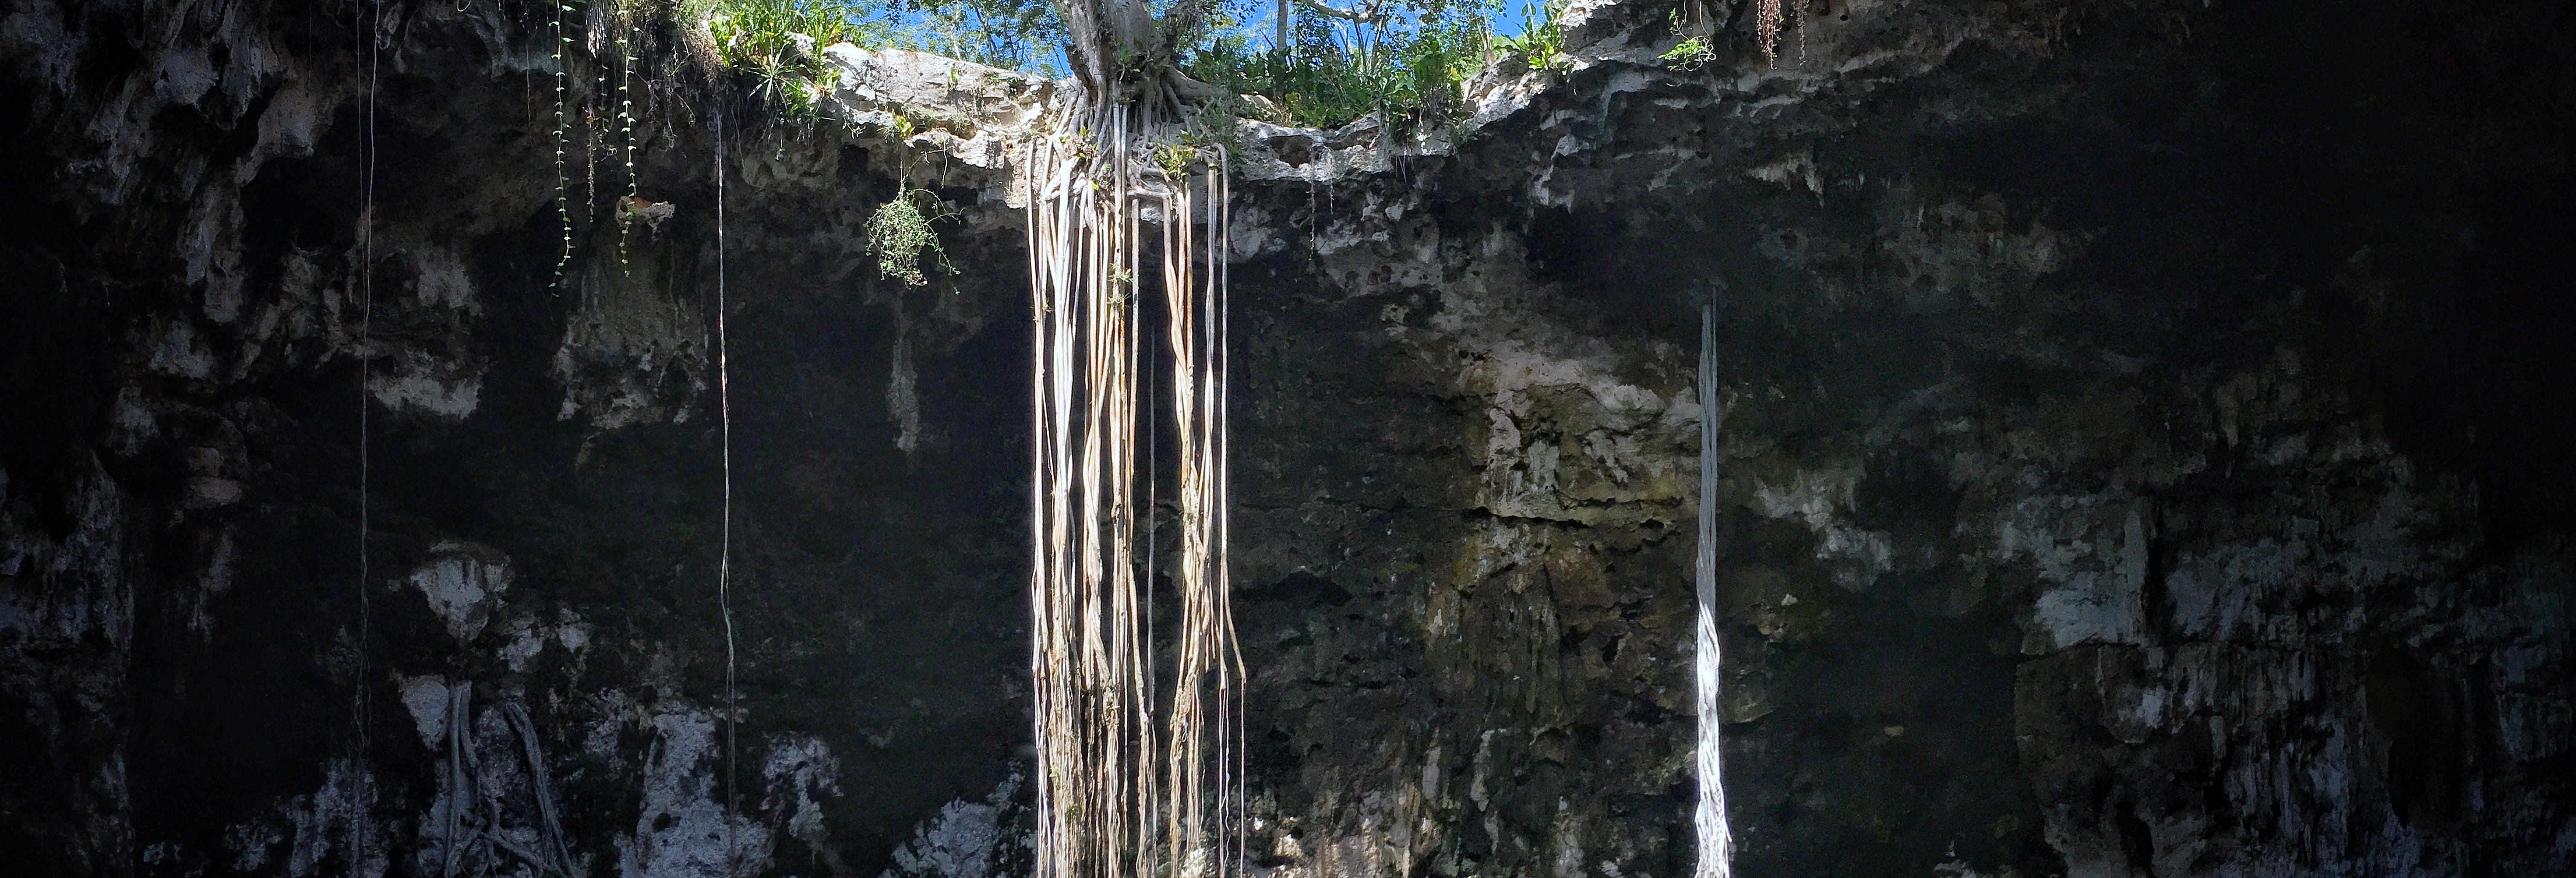 Excursión a los cenotes de Cuzamá